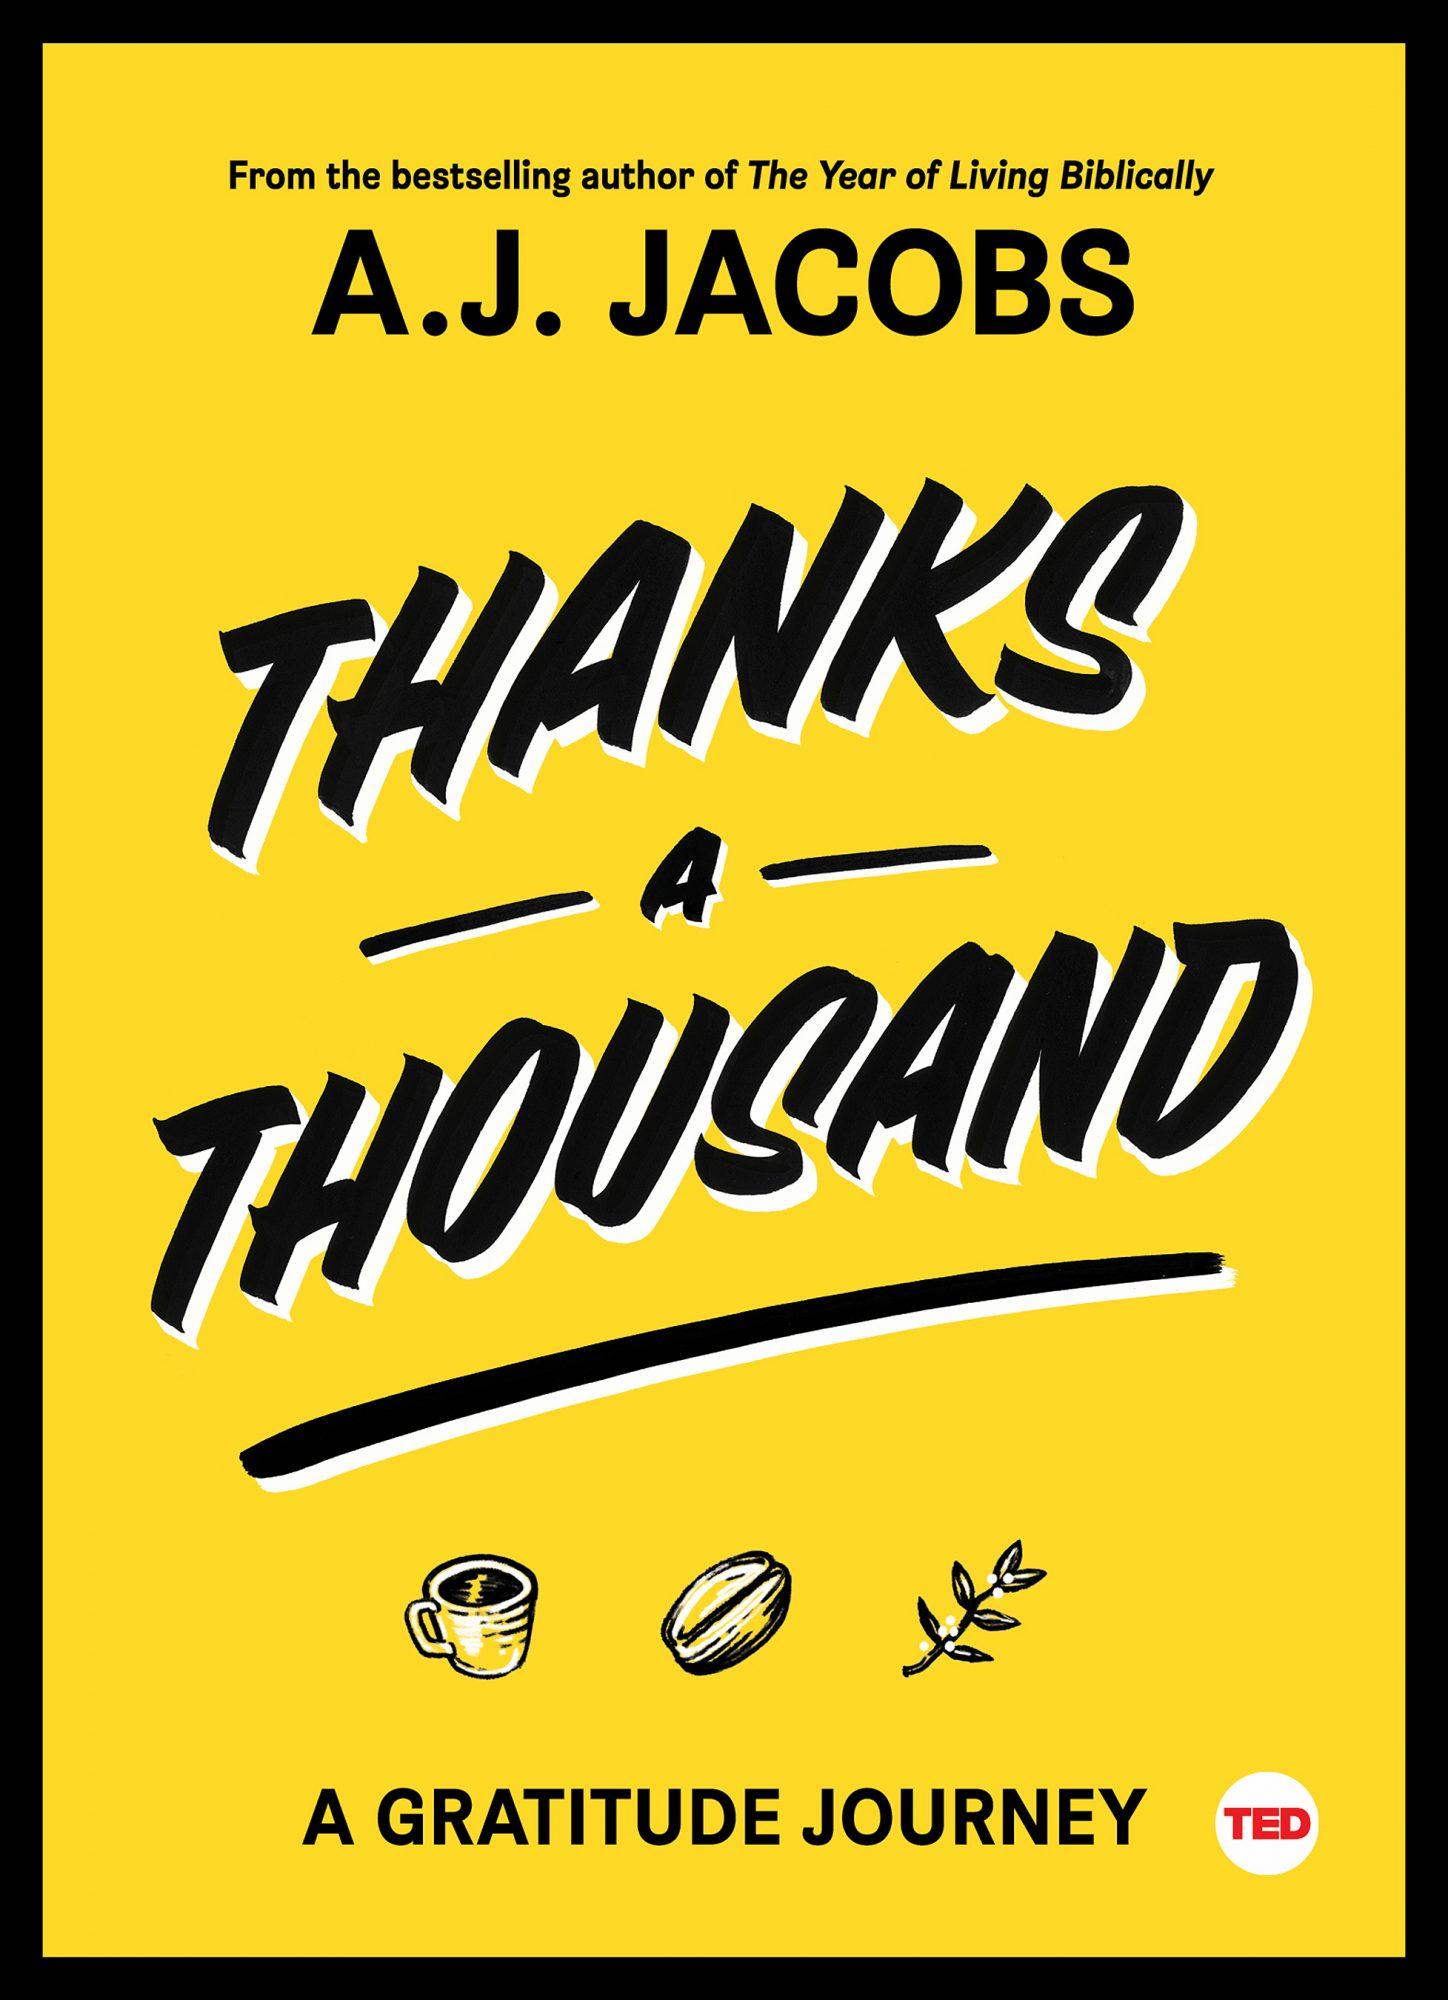 AJ Jacobs thanks a thousand